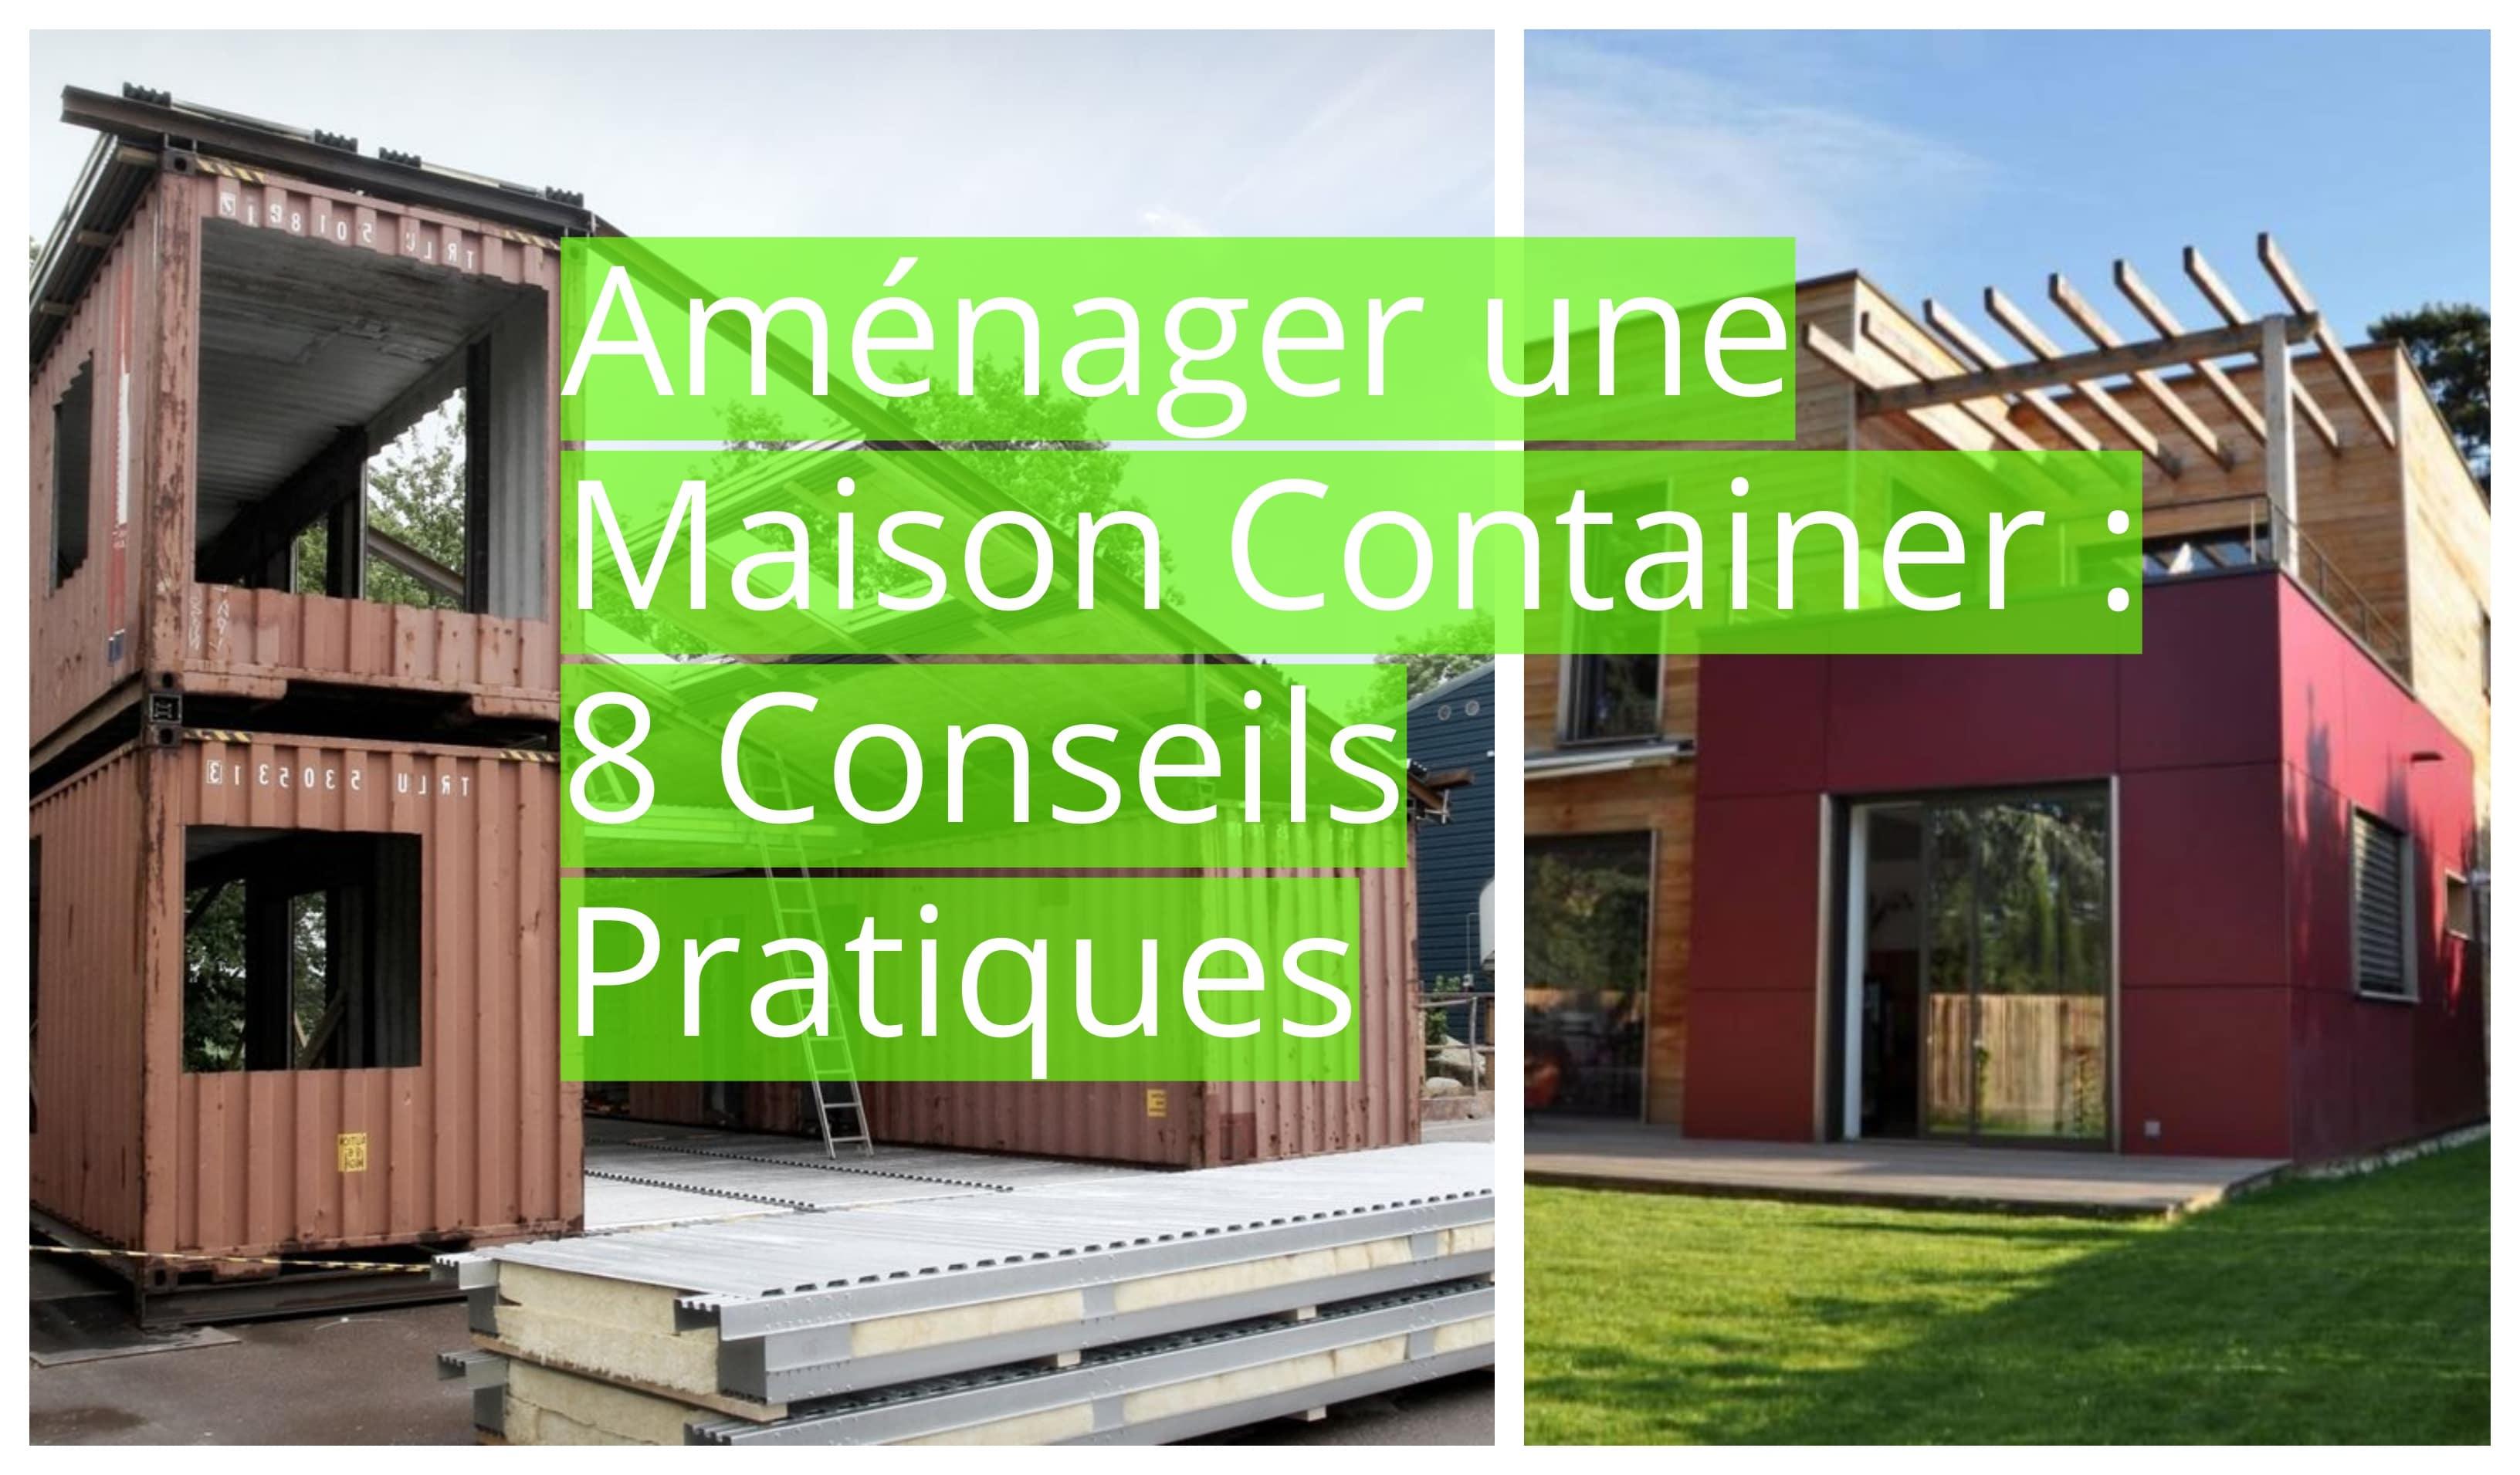 Faire Construire Une Maison Container aménager une maison container : 8 conseils pratiques